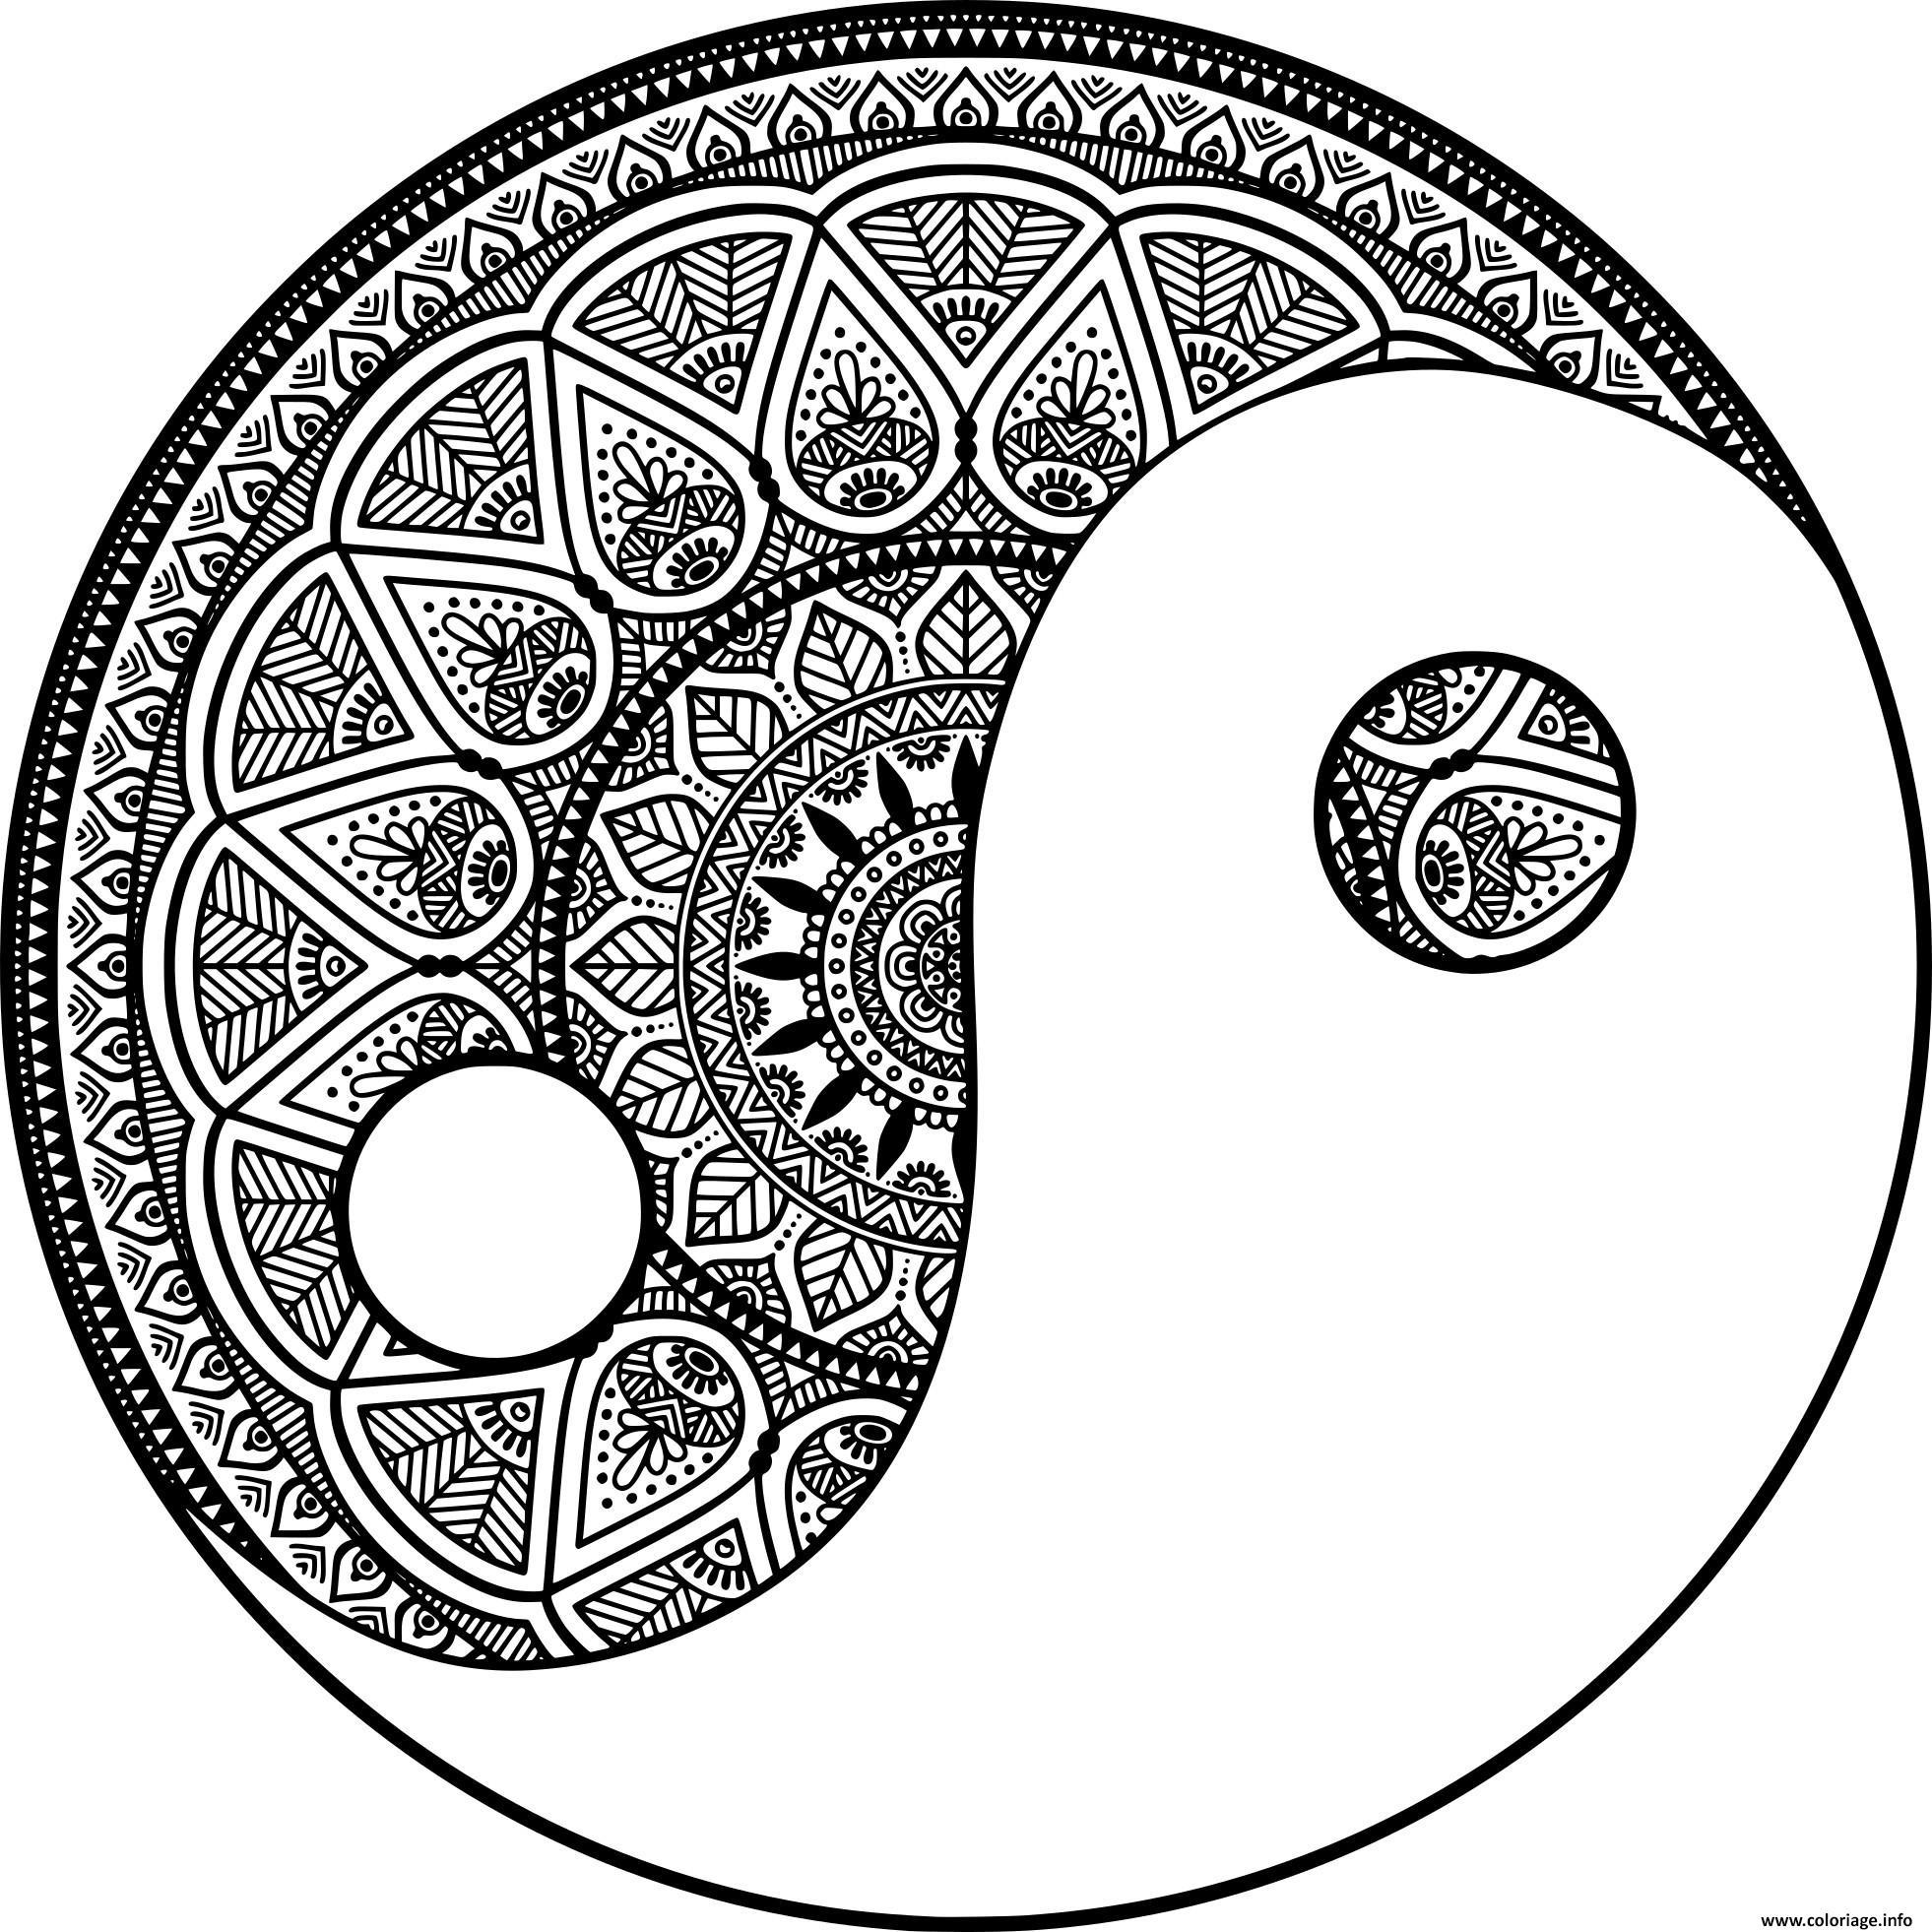 Coloriage Mandala Zen Yin Et Yang Philosophie Chinoise Dessin tout Mandala À Colorier Et À Imprimer Gratuit